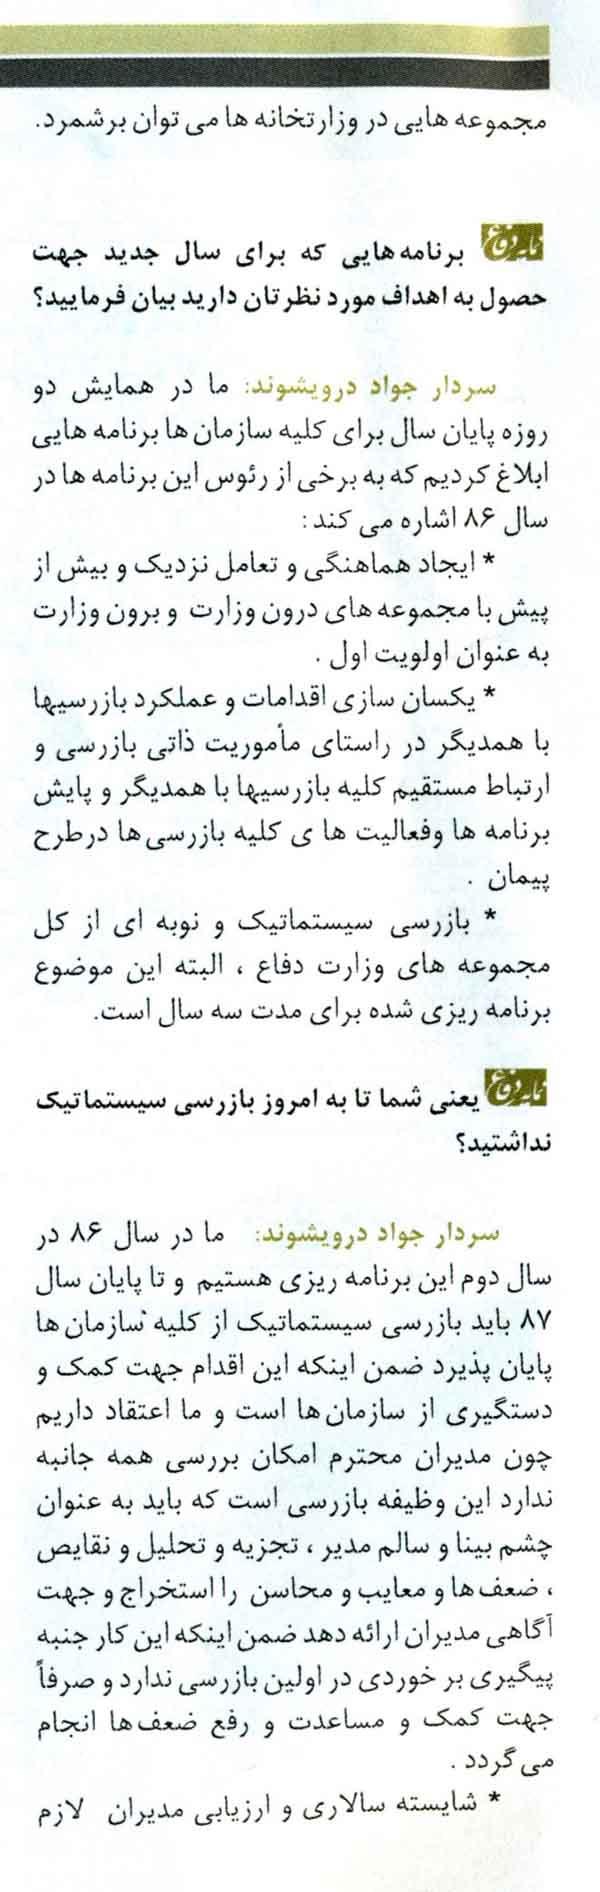 مصاحبه اختصاصی نمایه دفاع با سردار جواد درویش وند- 8